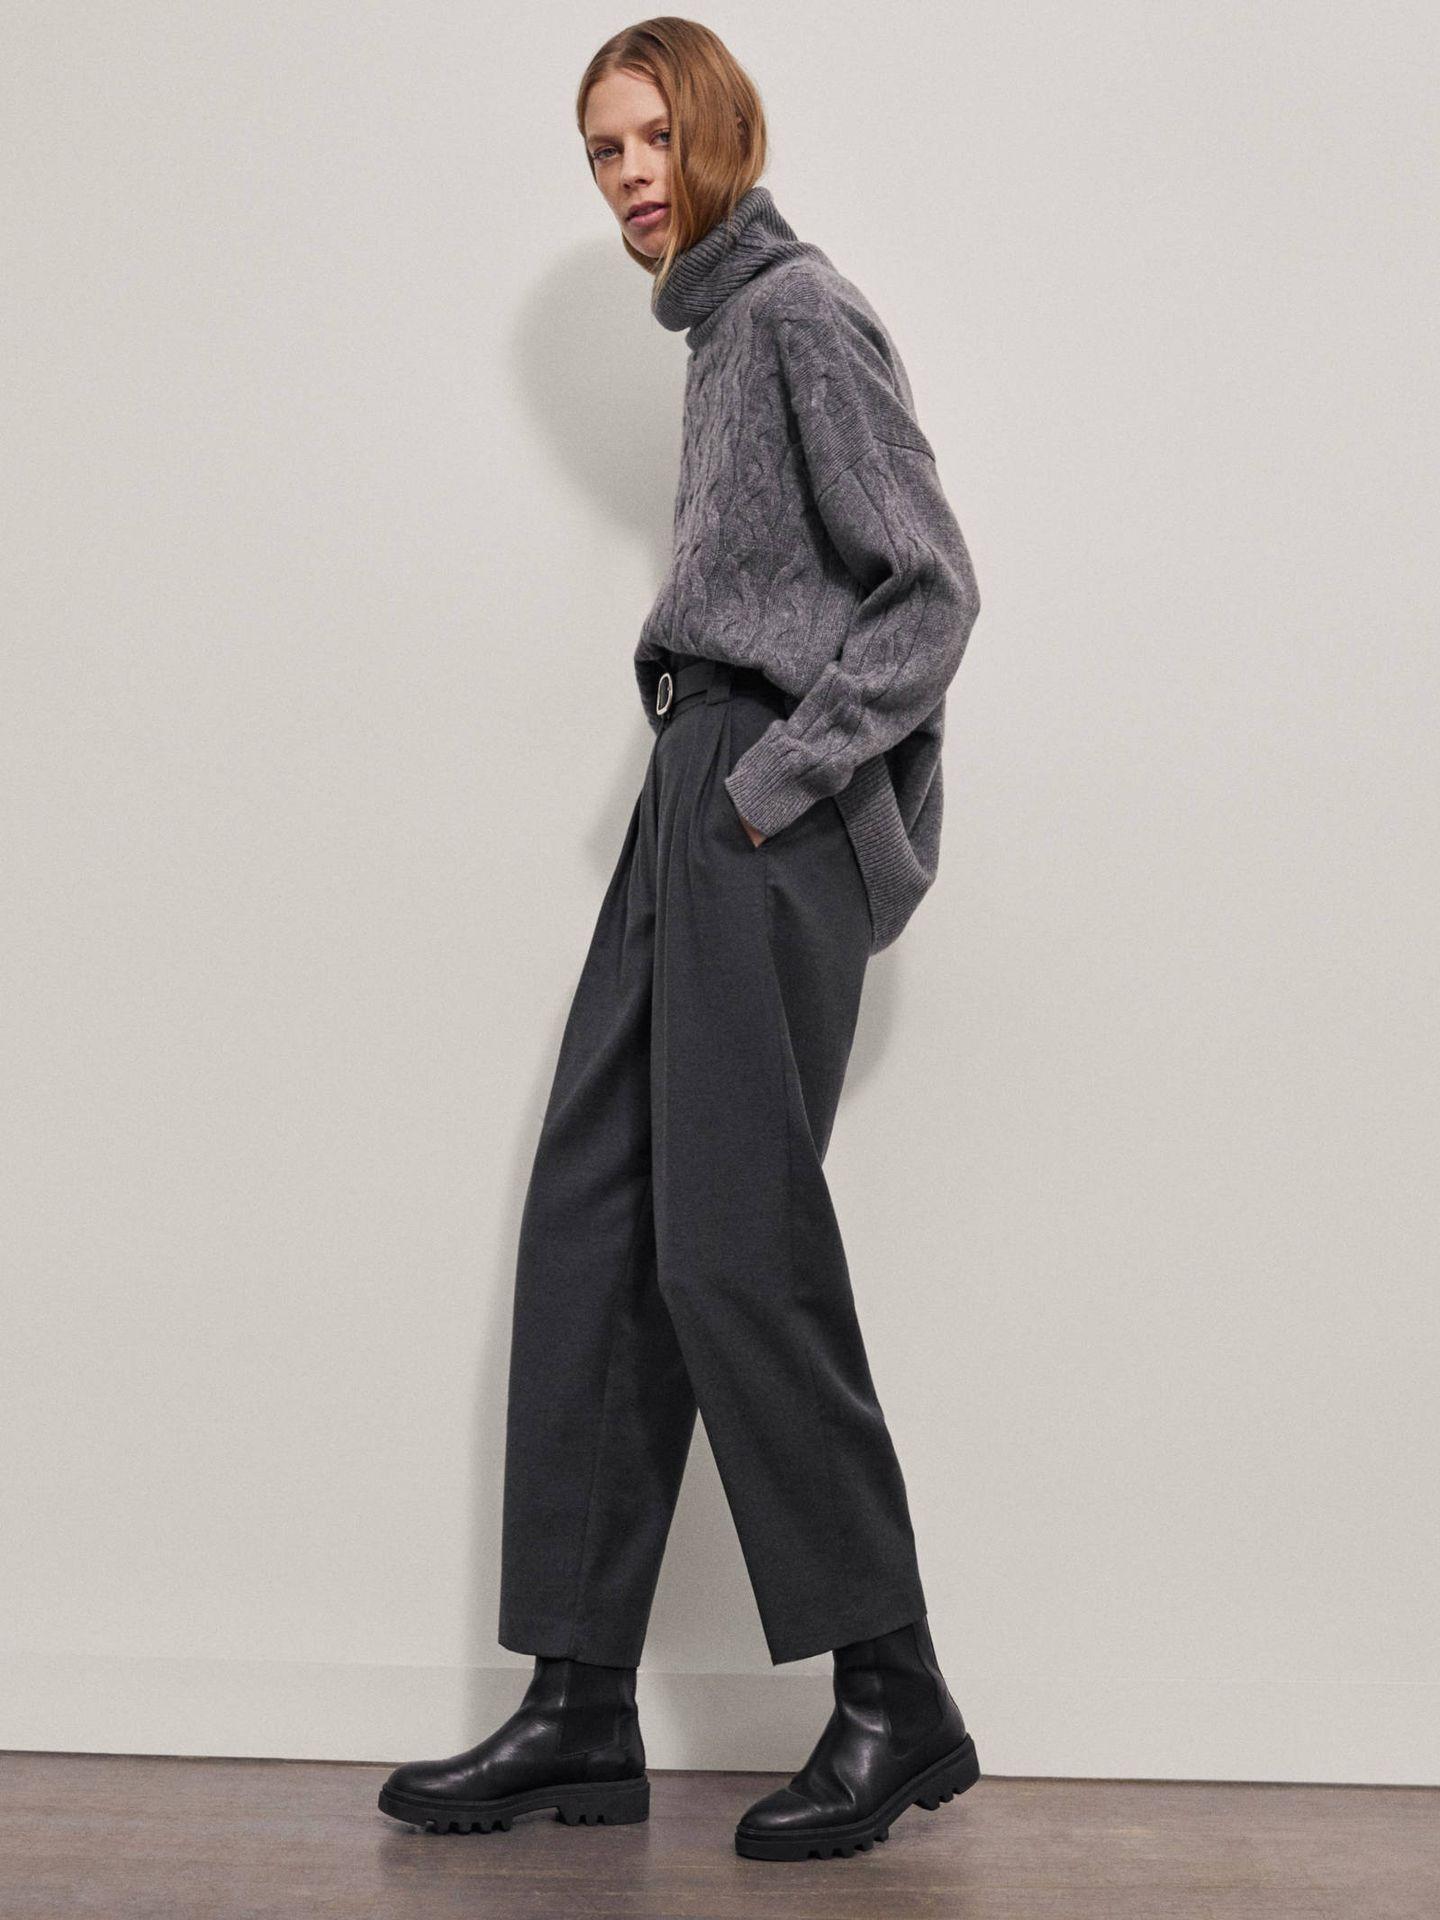 Pantalón de lana de Massimo Dutti. (Cortesía)